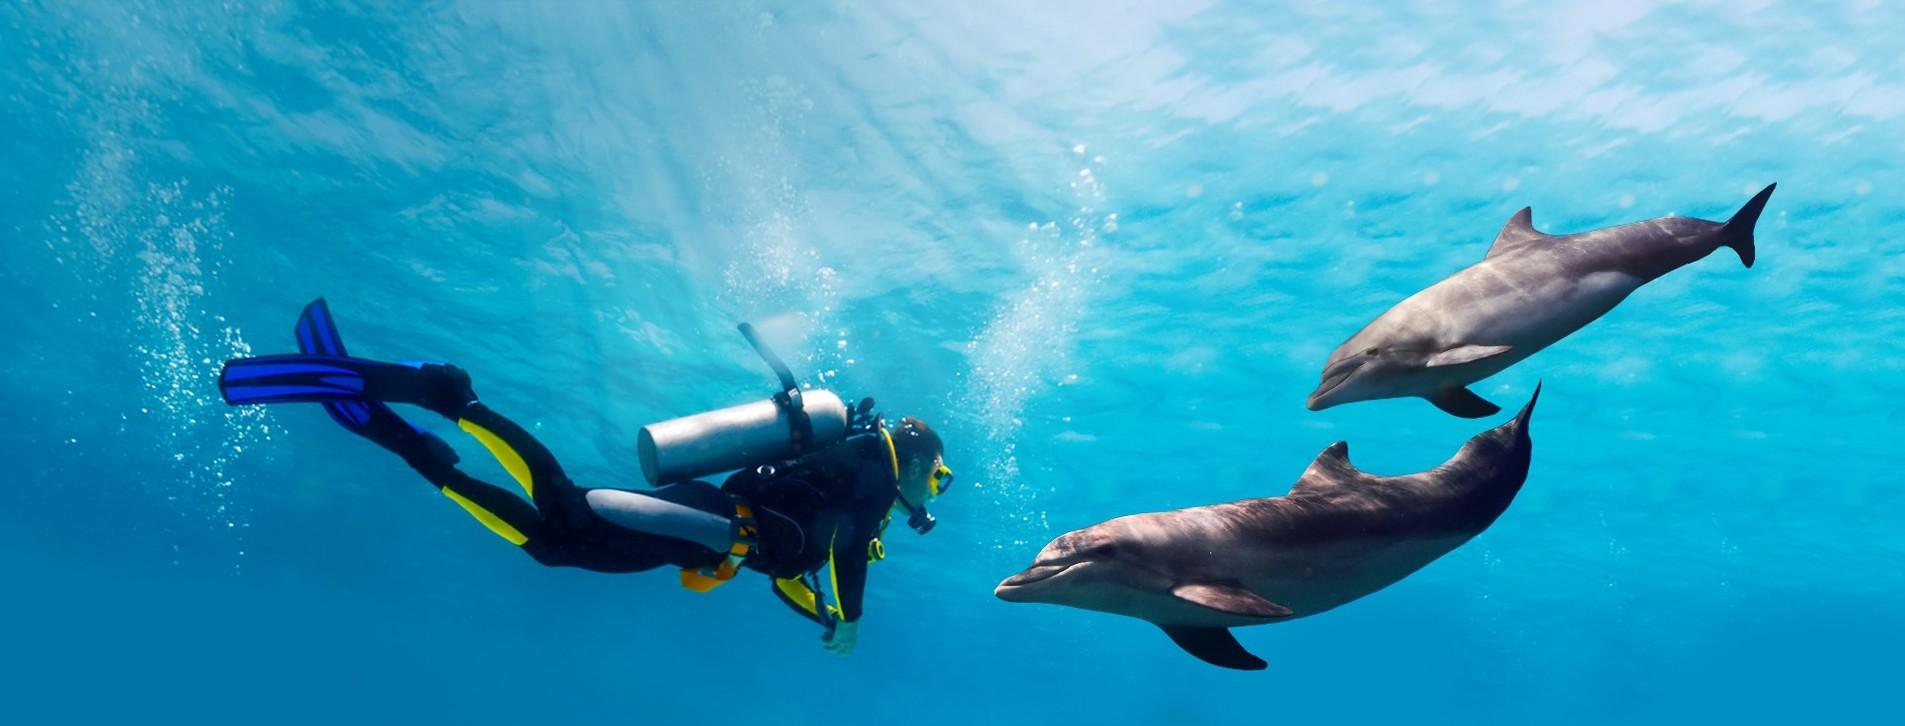 Фото 1 - Дайвінг із дельфінами